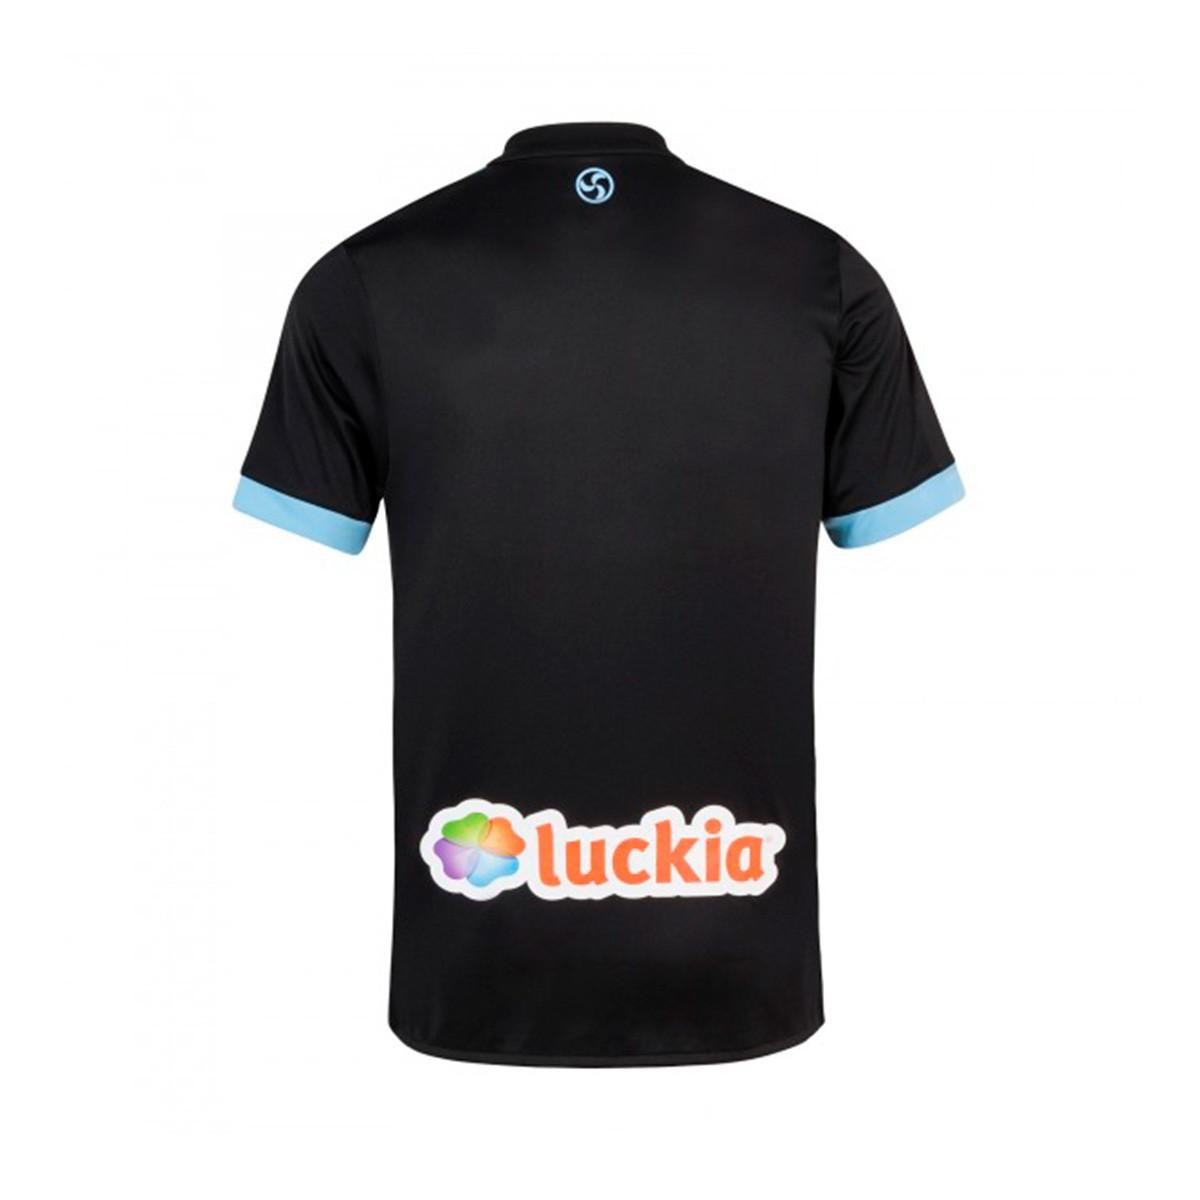 2b4bbdc03 Camiseta adidas Celta de Vigo Segunda Equipación 2017-2018 Niño Black-Clear  blue - Tienda de fútbol Fútbol Emotion